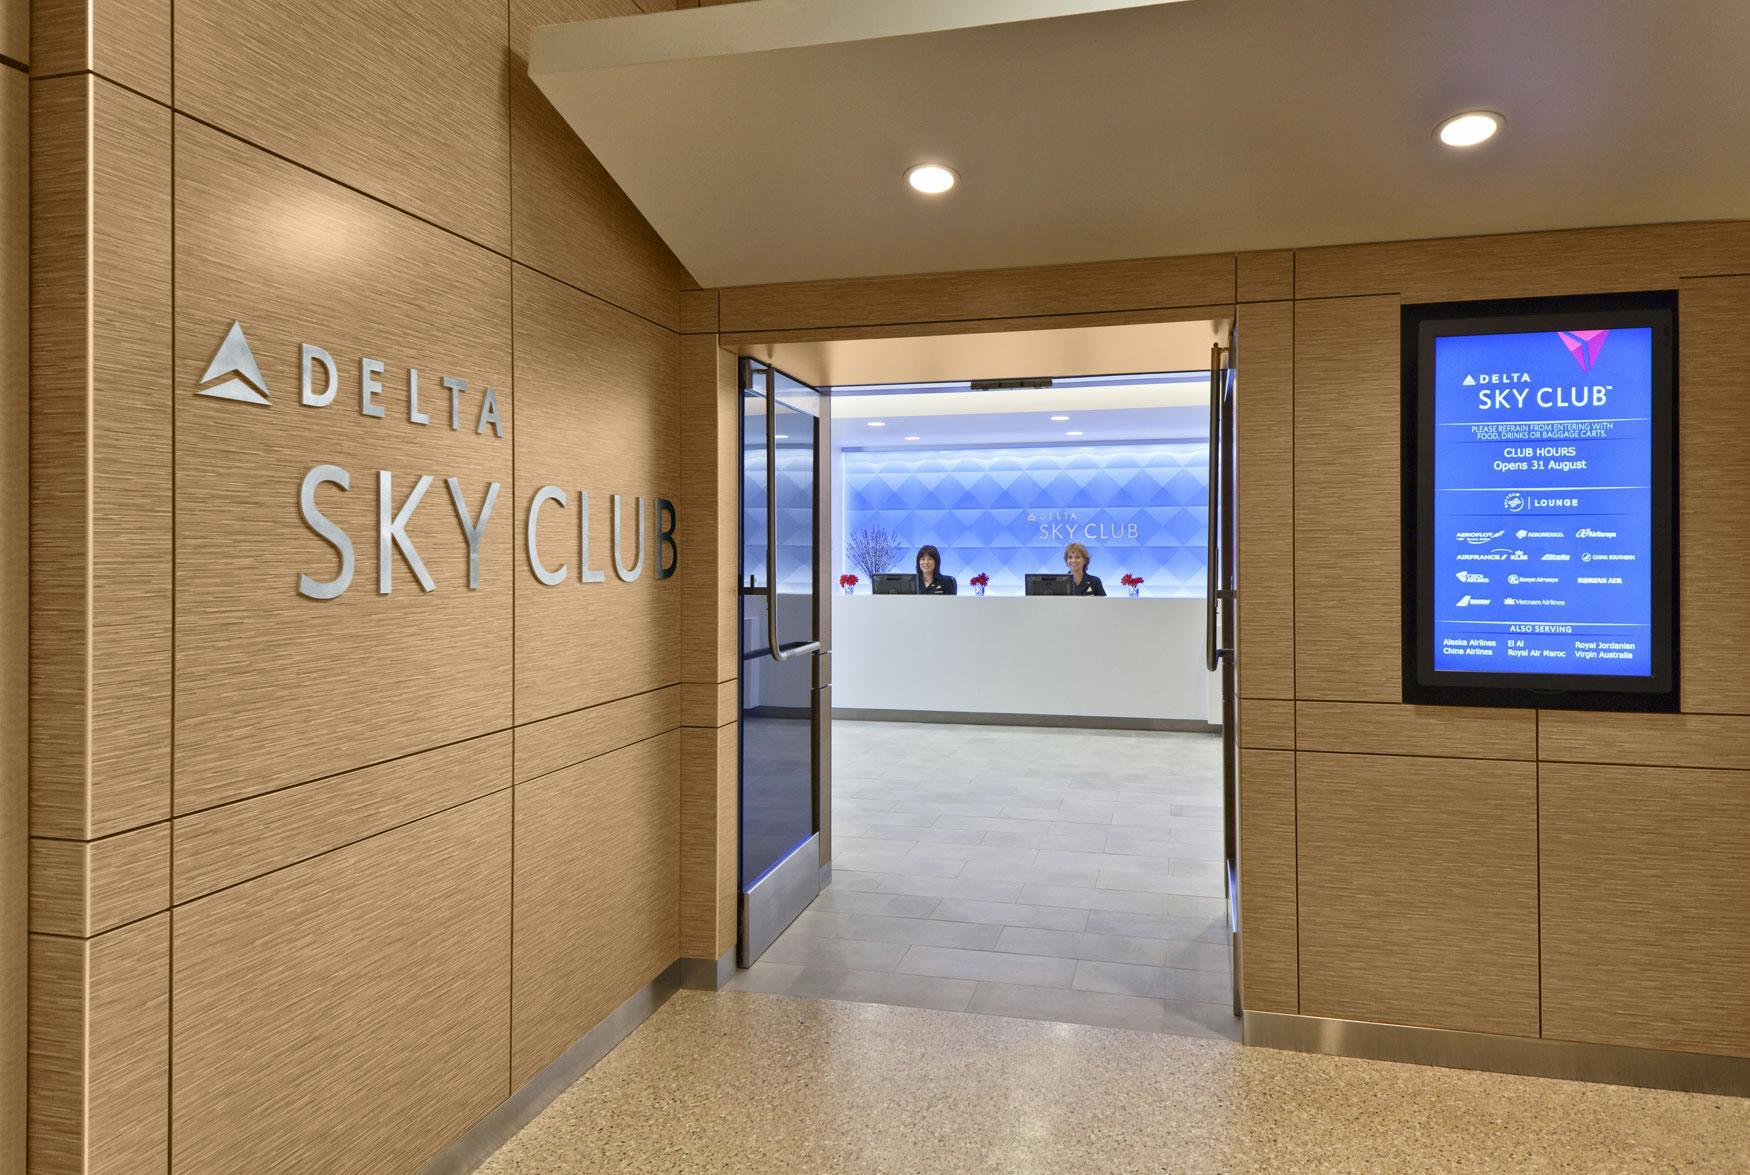 Delta Air Lines Sky Club